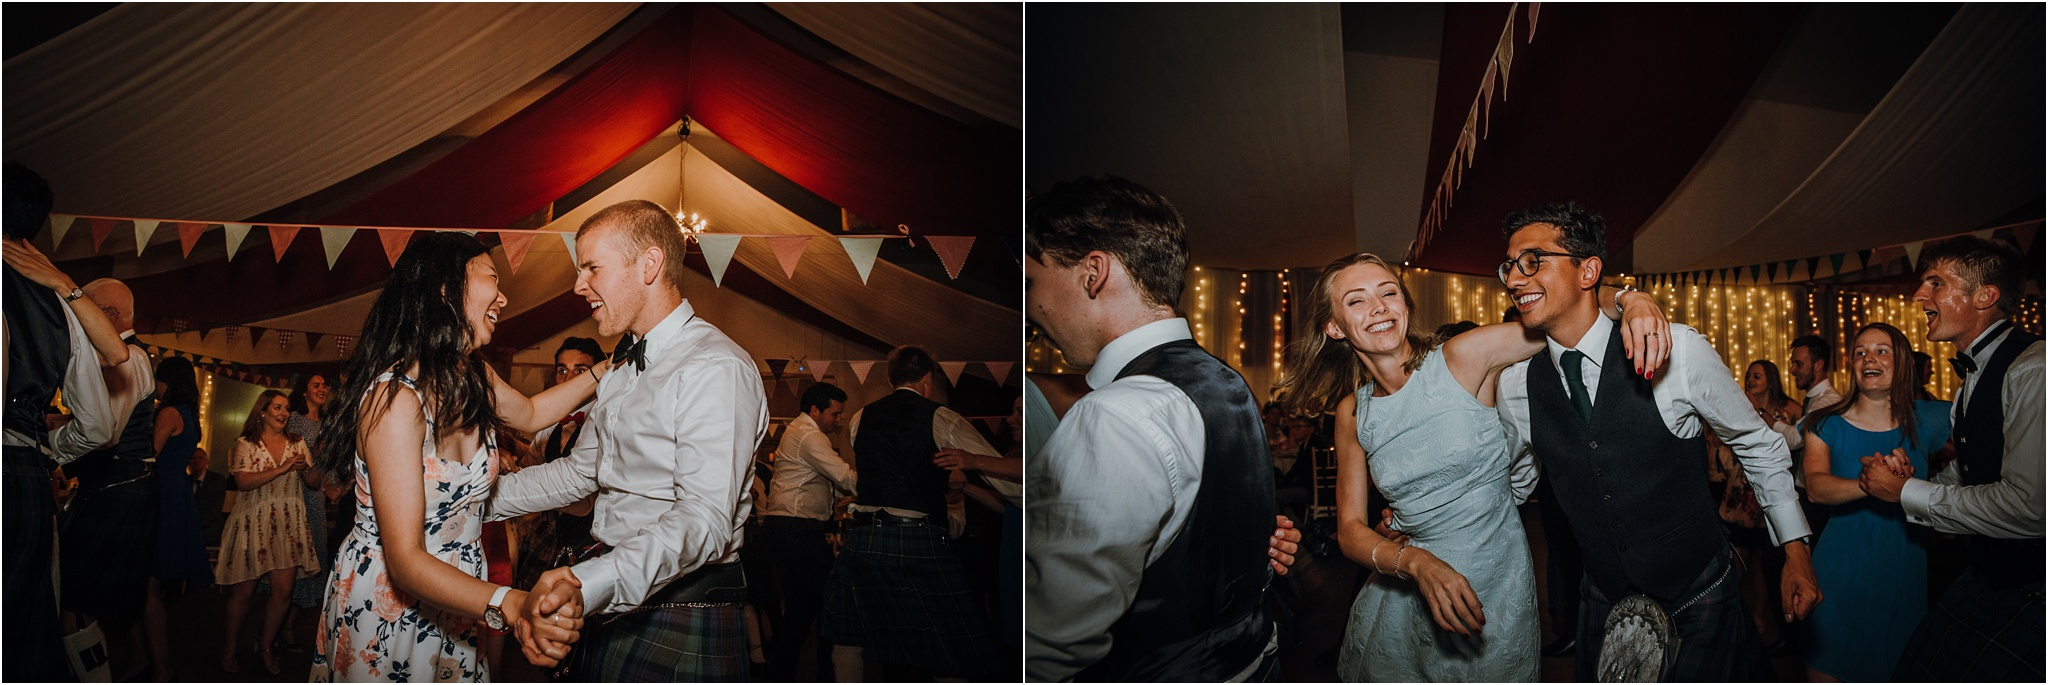 Edinburgh-barn-wedding-photographer_114.jpg